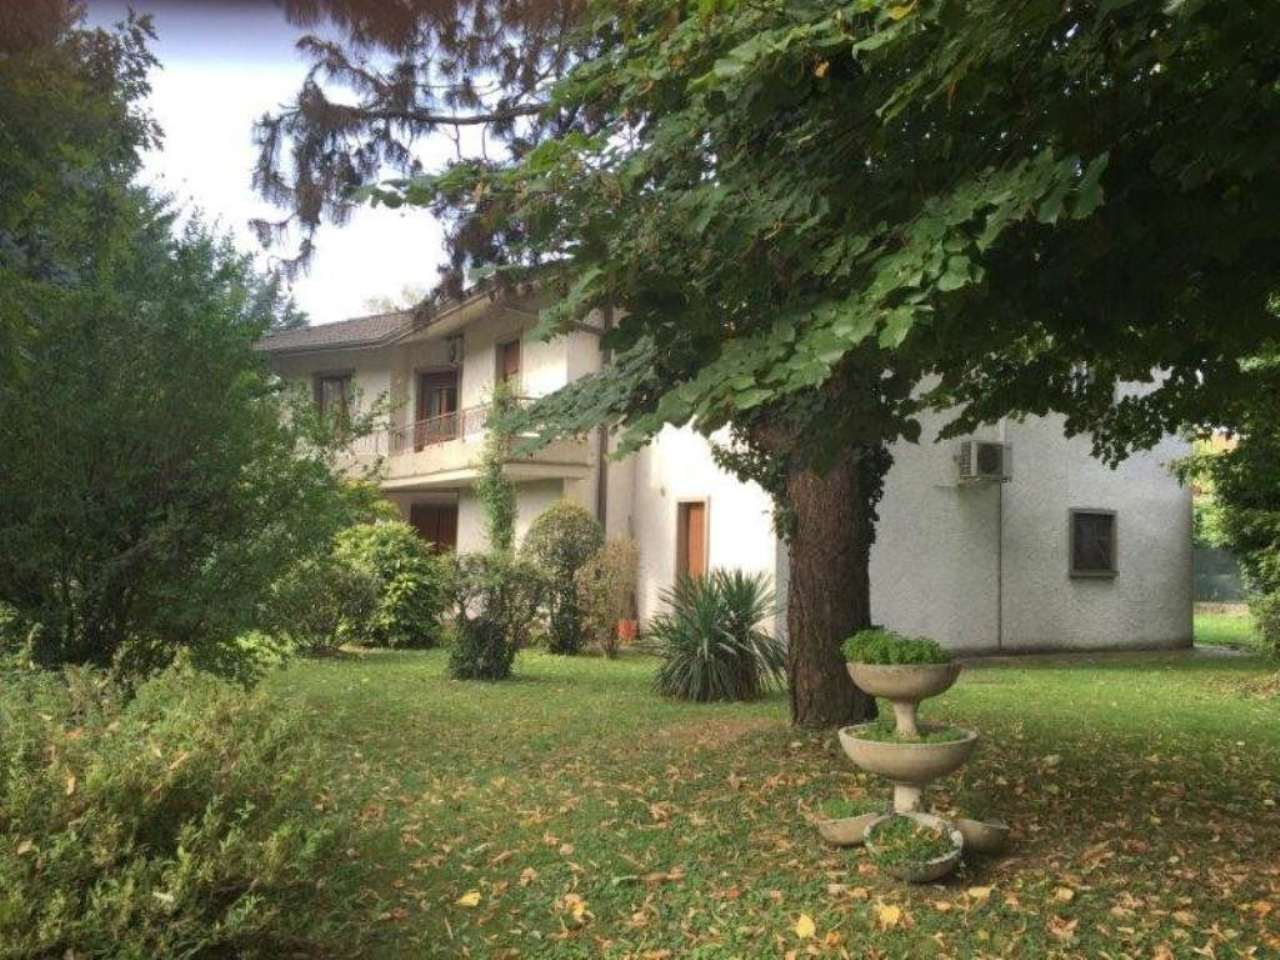 Villa in vendita a Pandino, 8 locali, prezzo € 320.000 | Cambio Casa.it